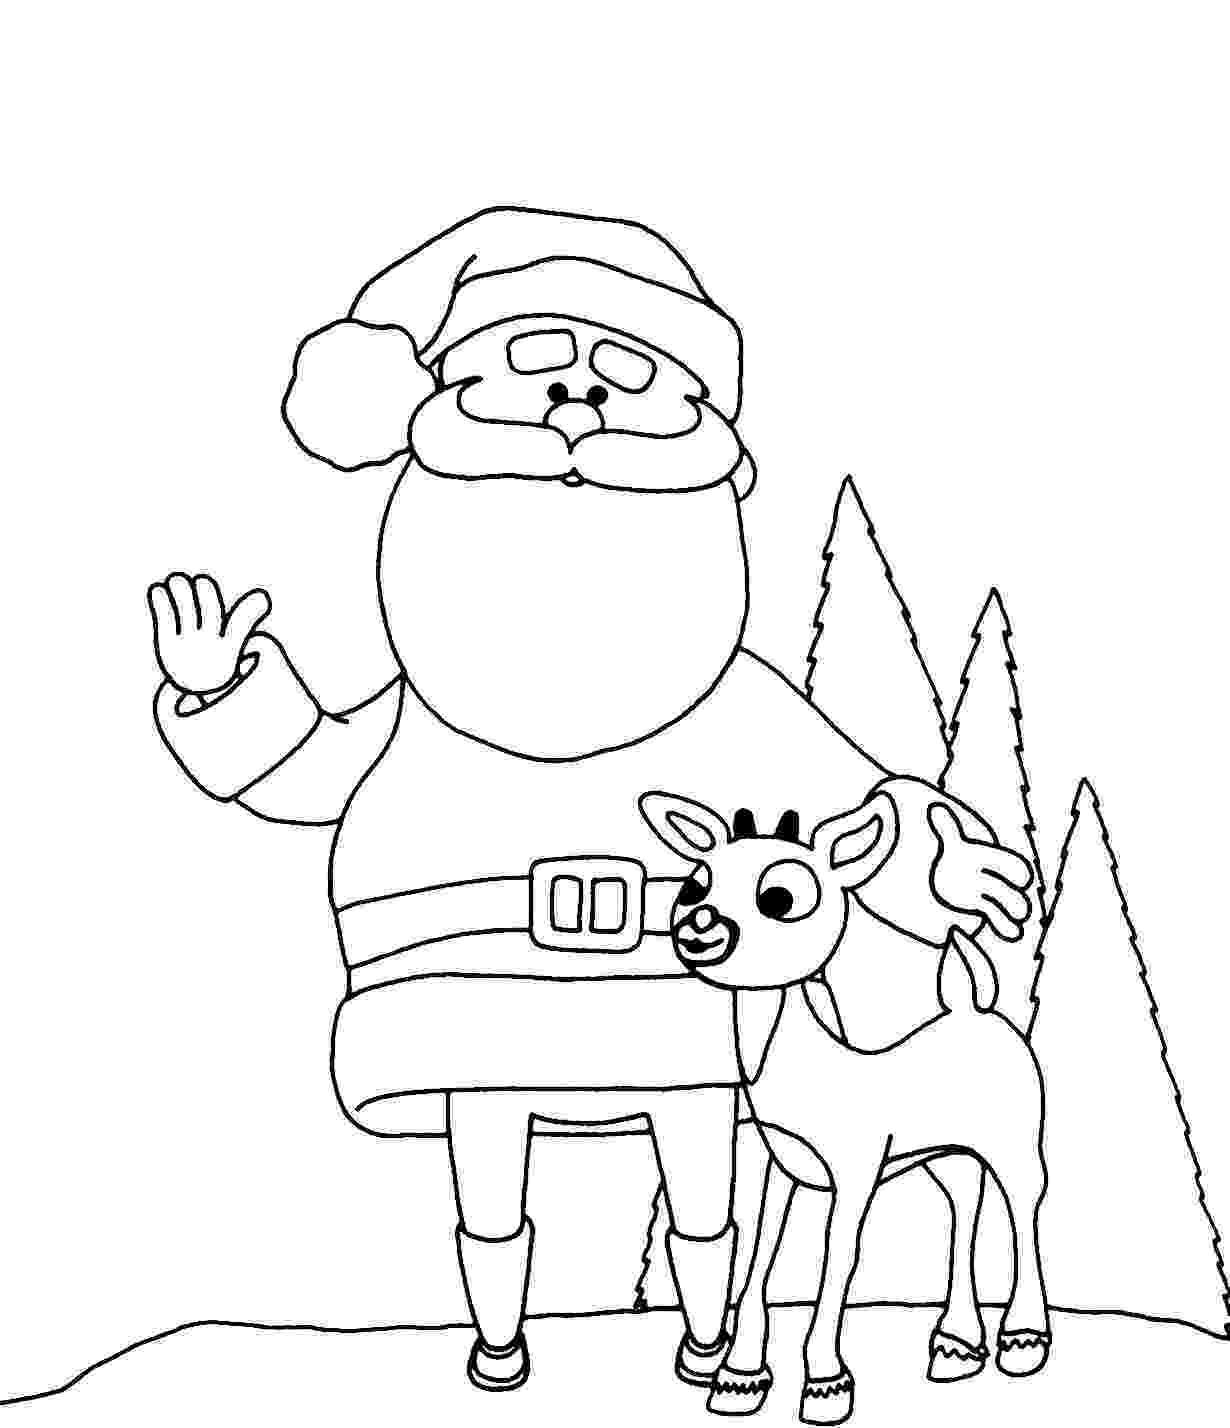 free printable coloring pages reindeer free printable reindeer coloring pages for kids printable pages coloring free reindeer